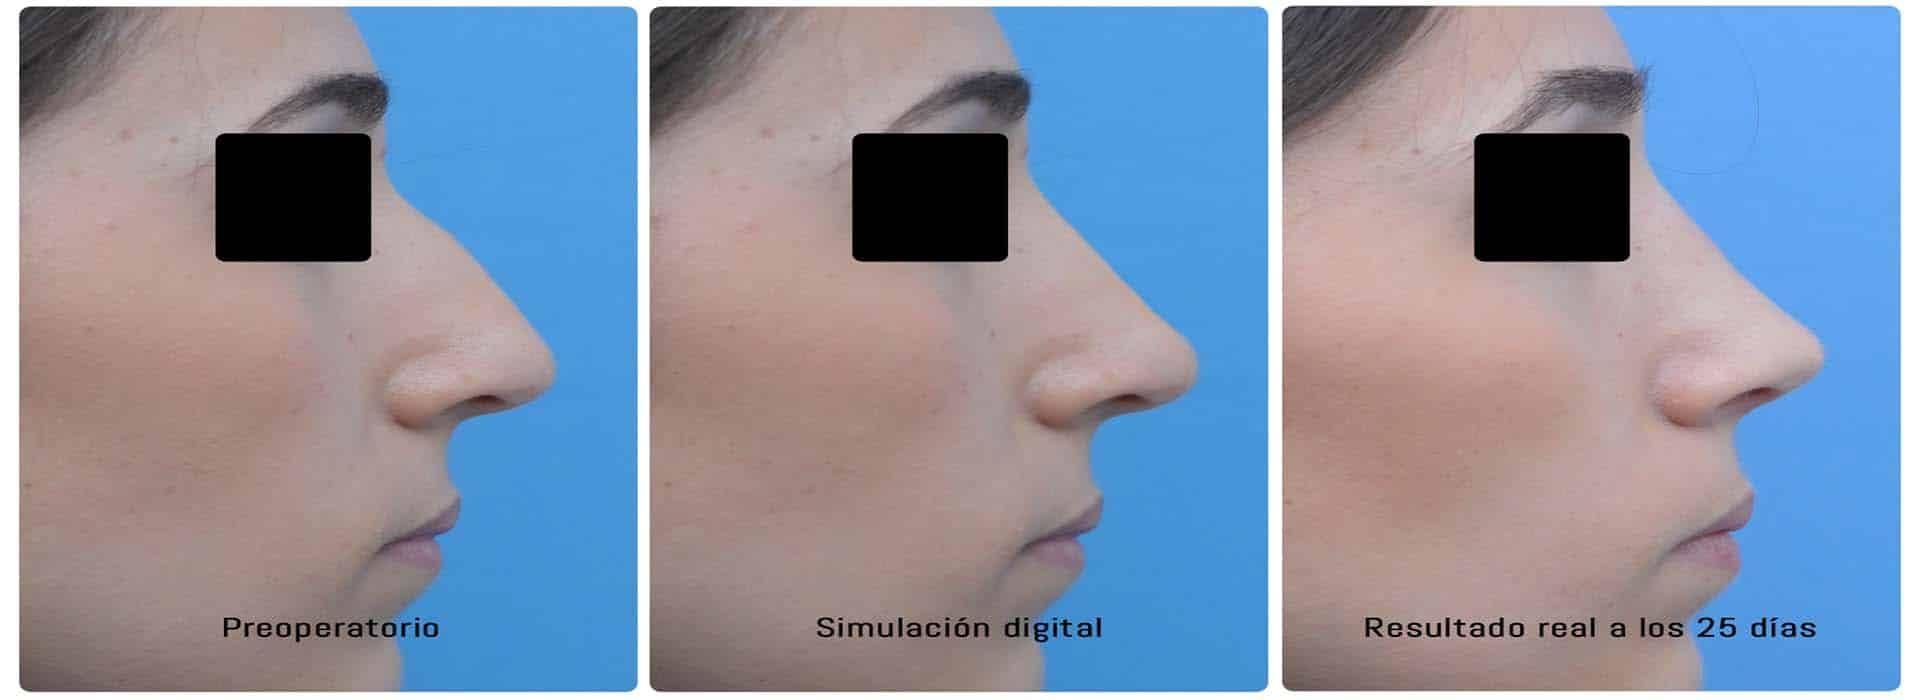 Antes y después de la rinoplastia en una mujer